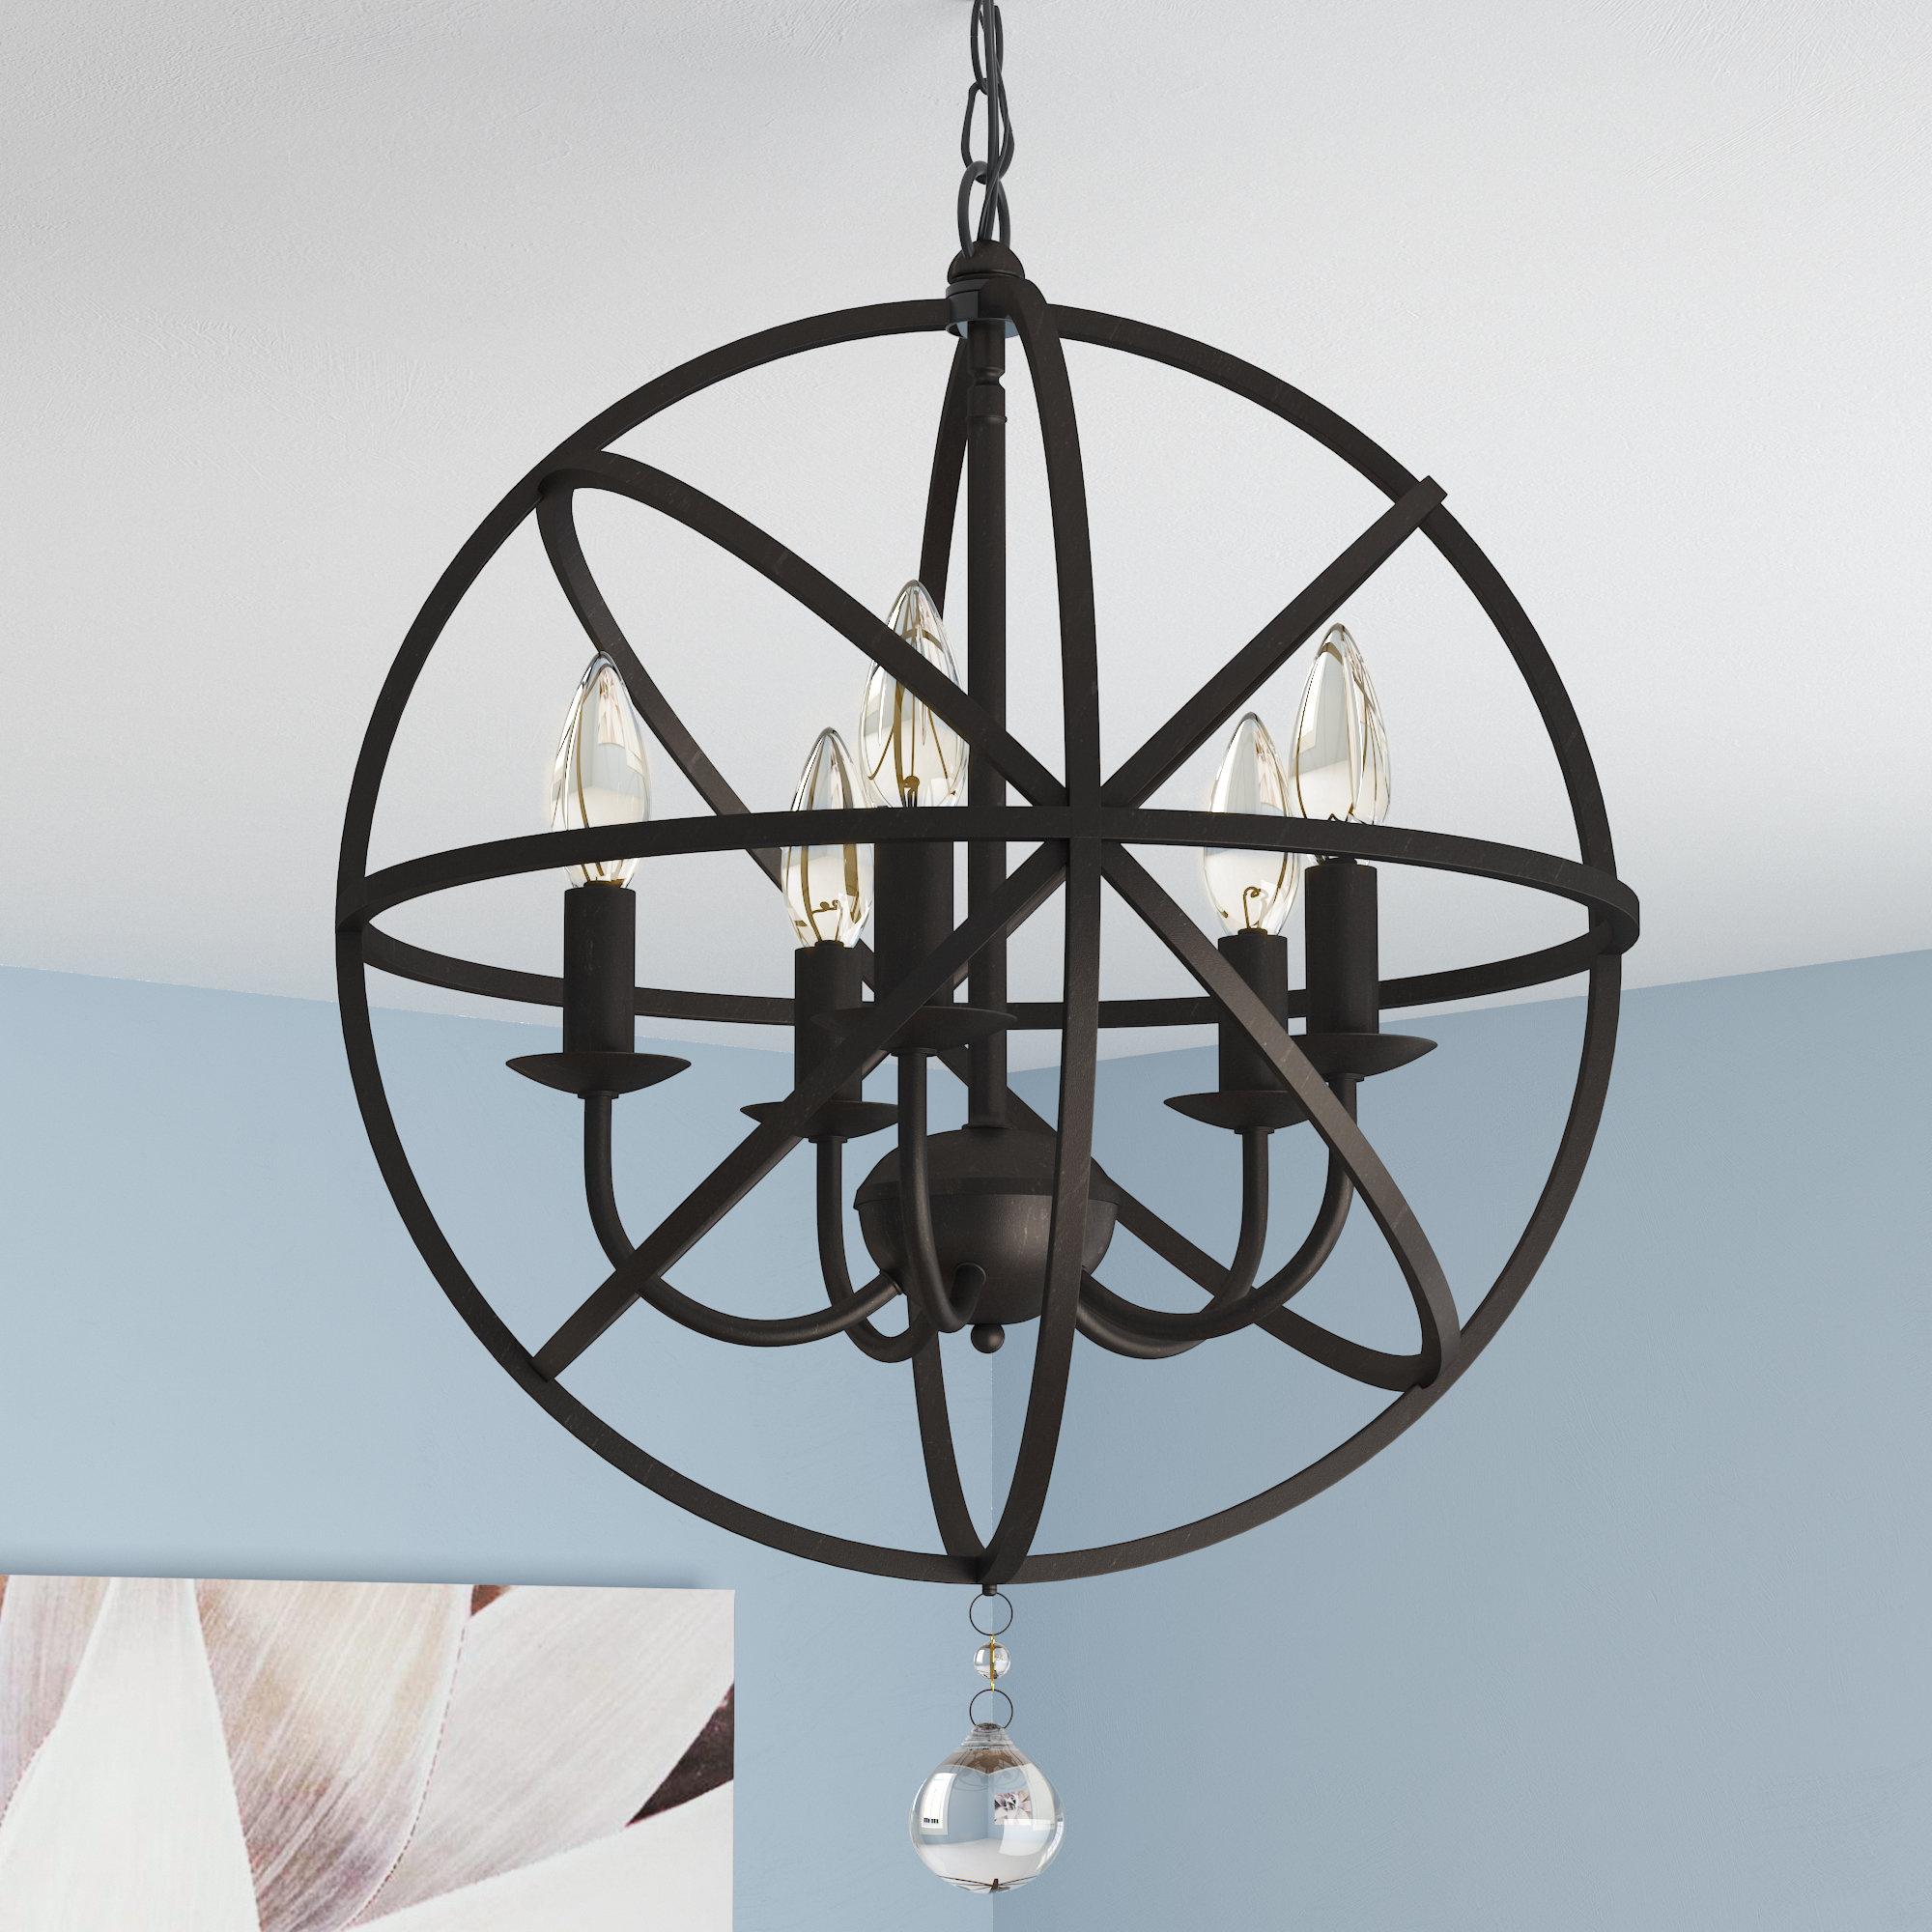 Most Recent Verlene Foyer 5 Light Globe Chandelier Regarding Verlene Foyer 5 Light Globe Chandeliers (View 2 of 25)